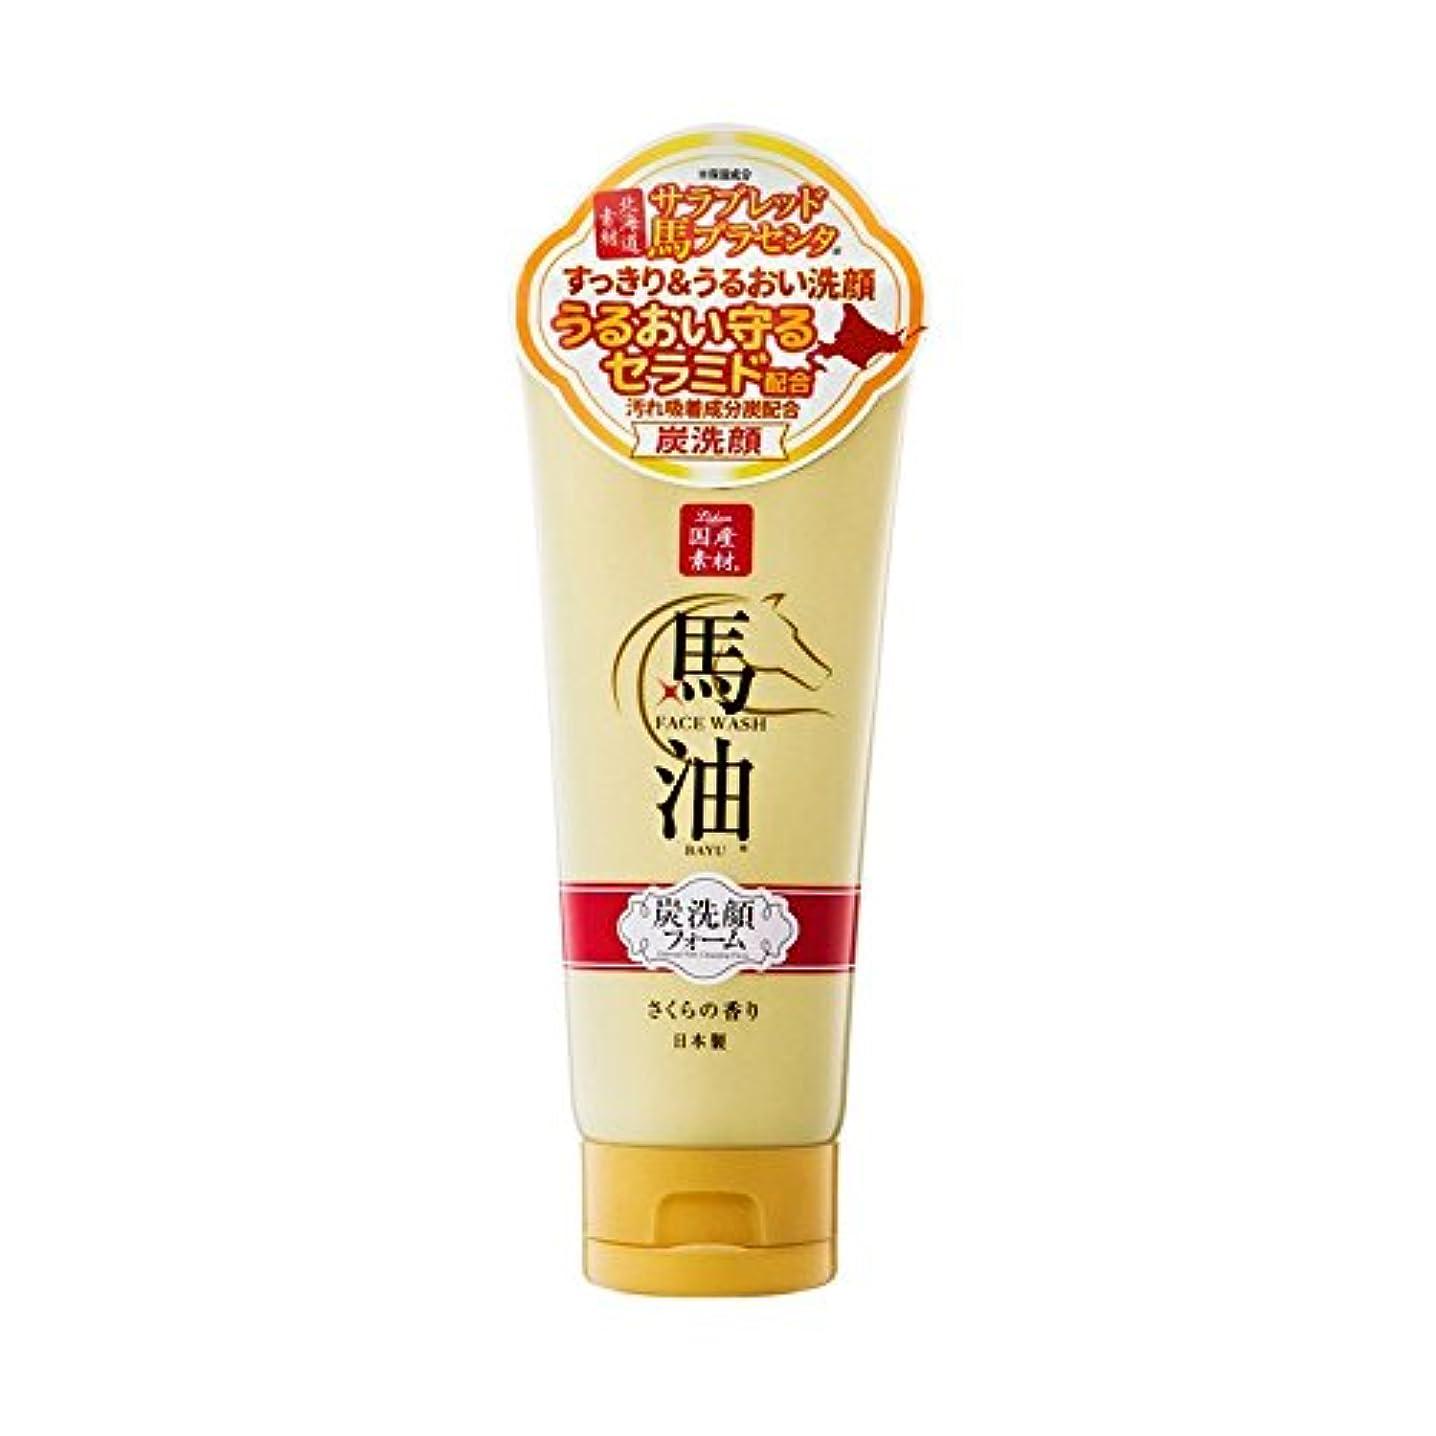 爪令状呪いリシャン 馬油&炭洗顔フォーム(さくらの香り)(内容量130g)